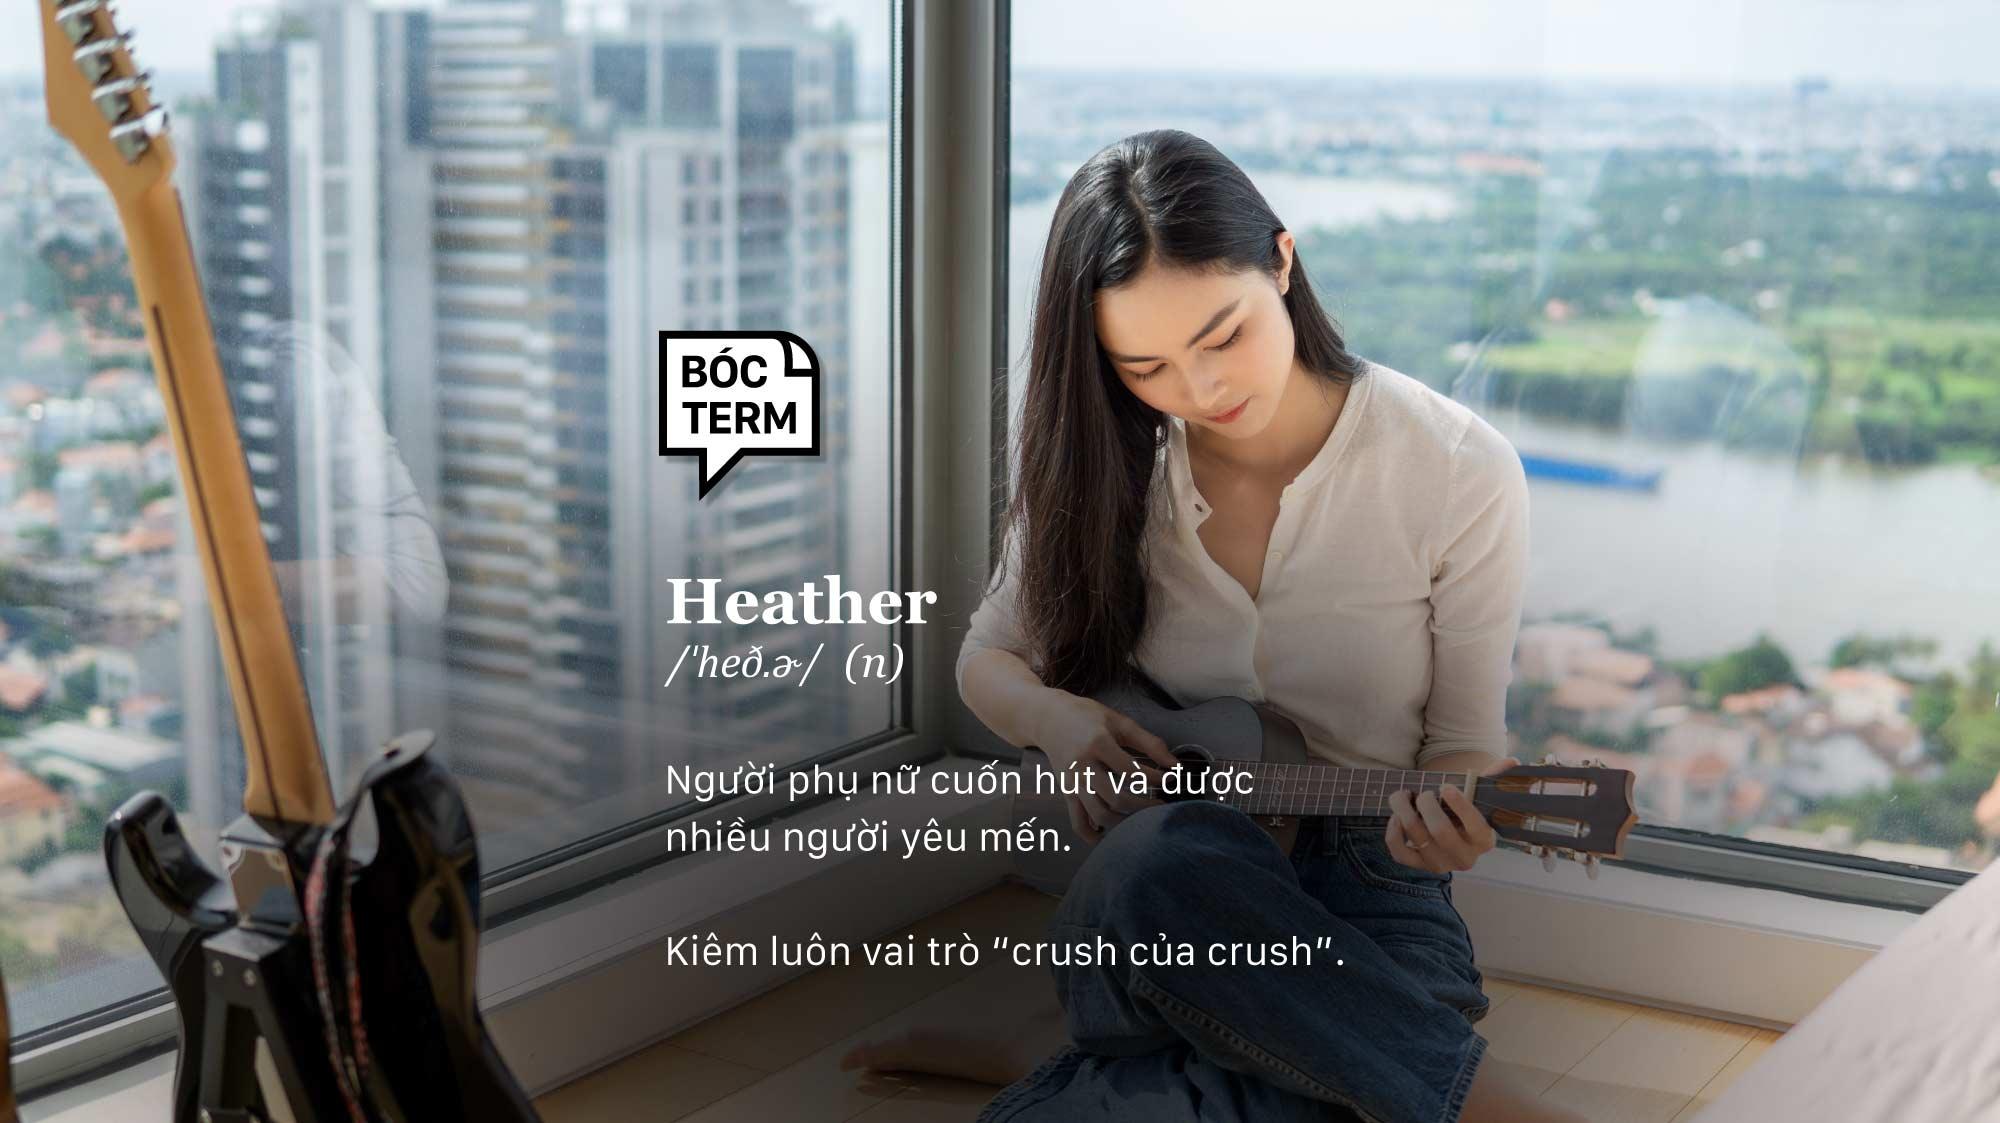 Bóc Term: Heather là gì mà người yêu kẻ ghét?